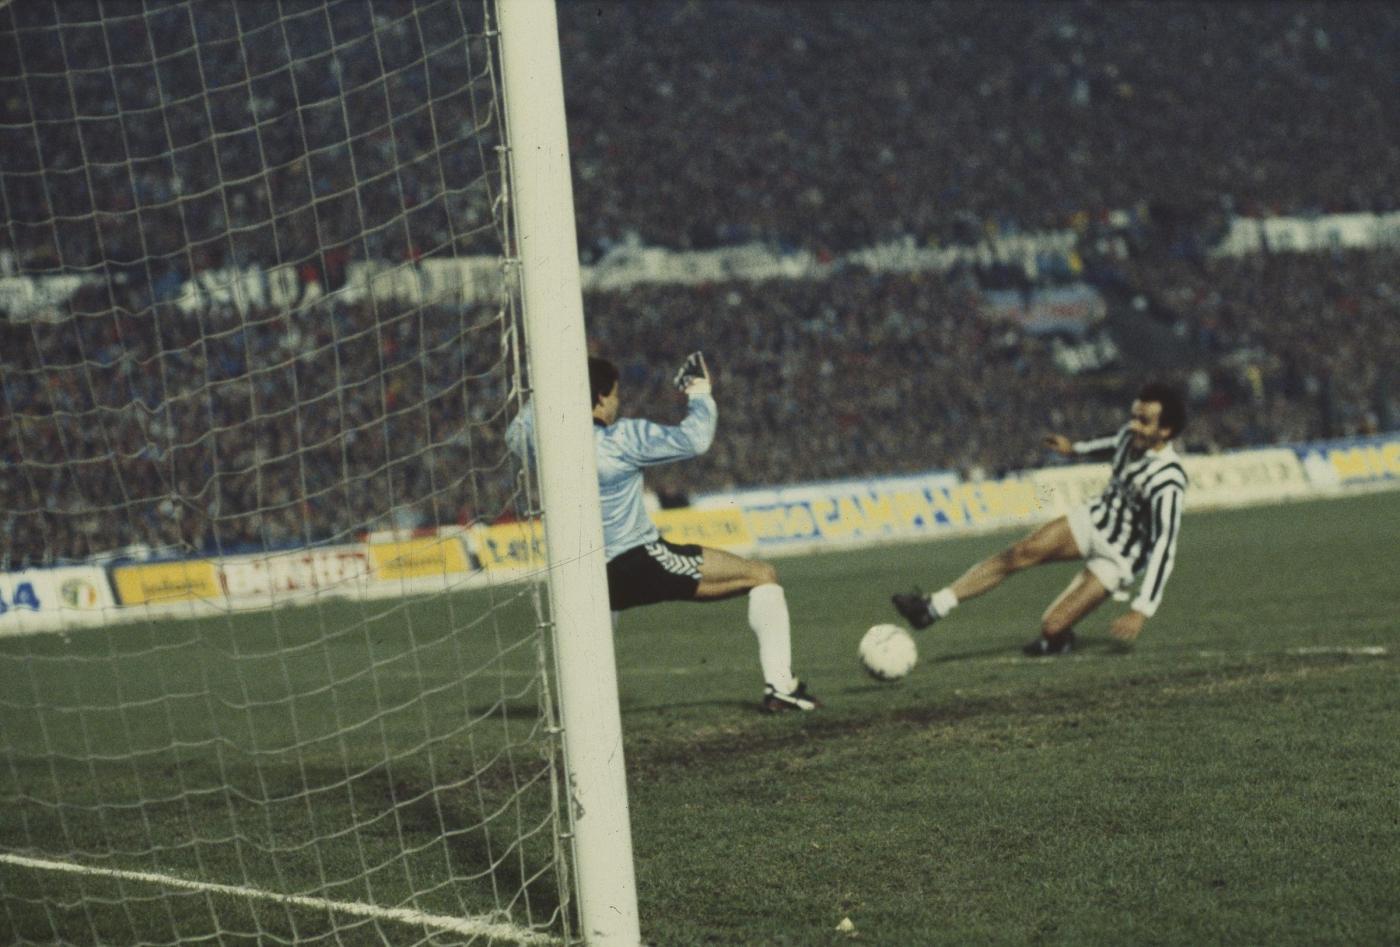 Le sfide delle squadre italiane con il Real Madrid che hanno fatto storia